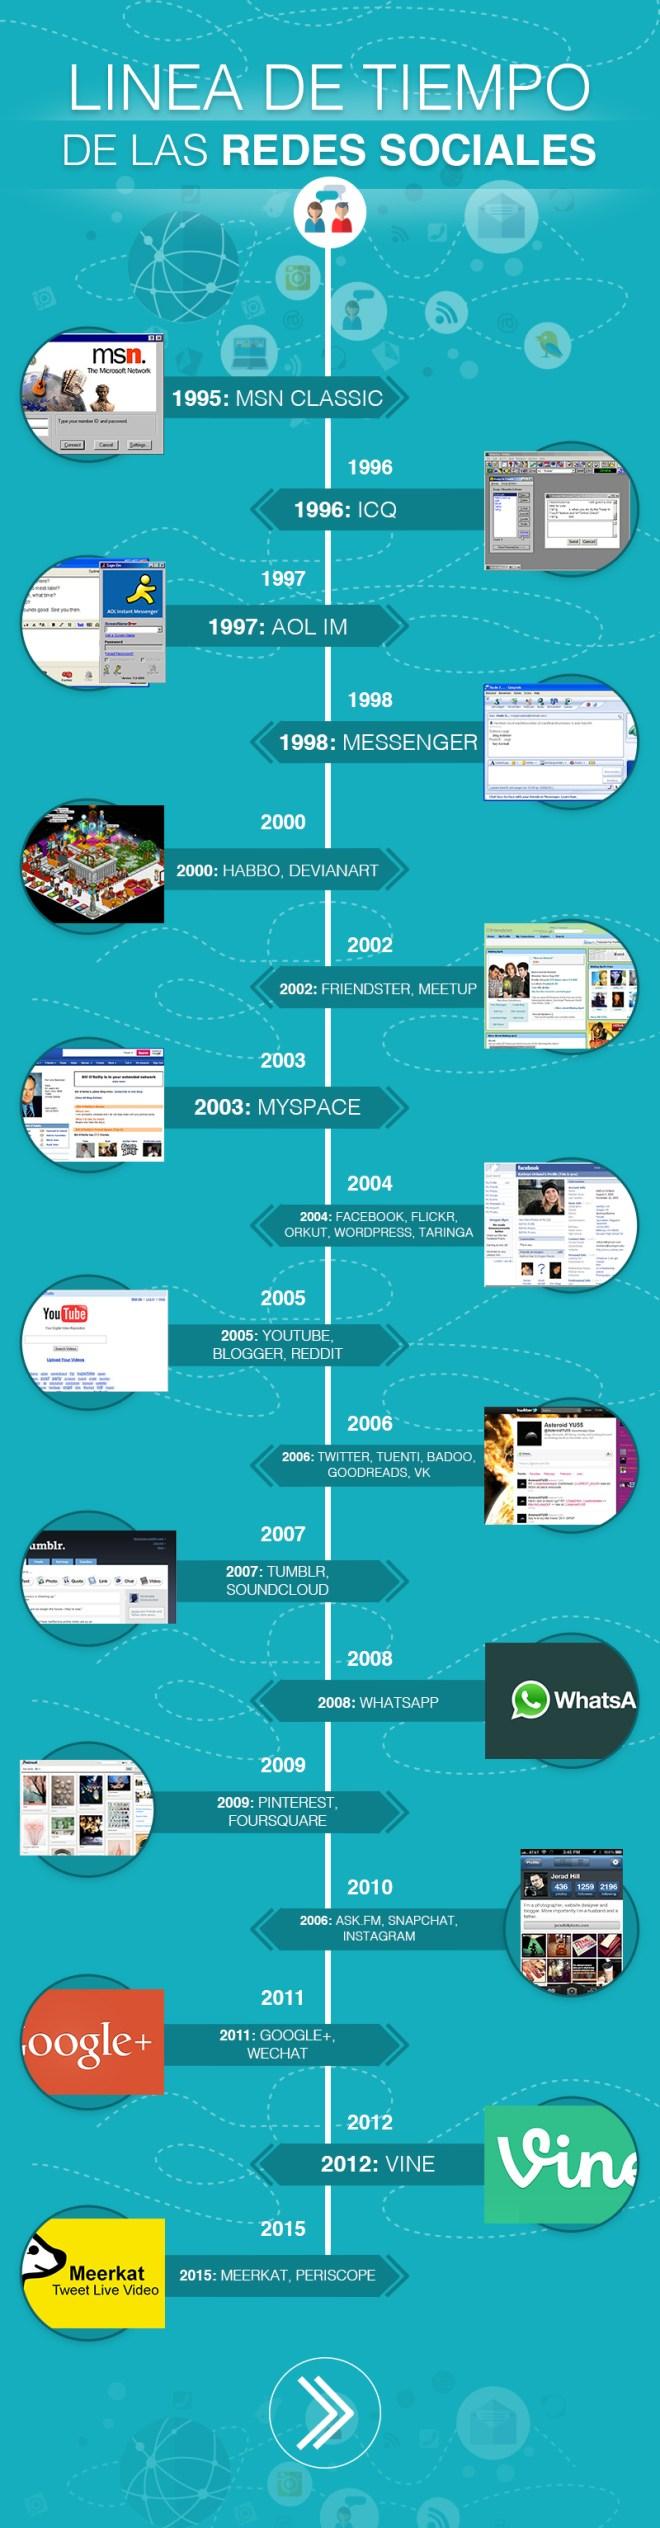 Timeline de las Redes Sociales